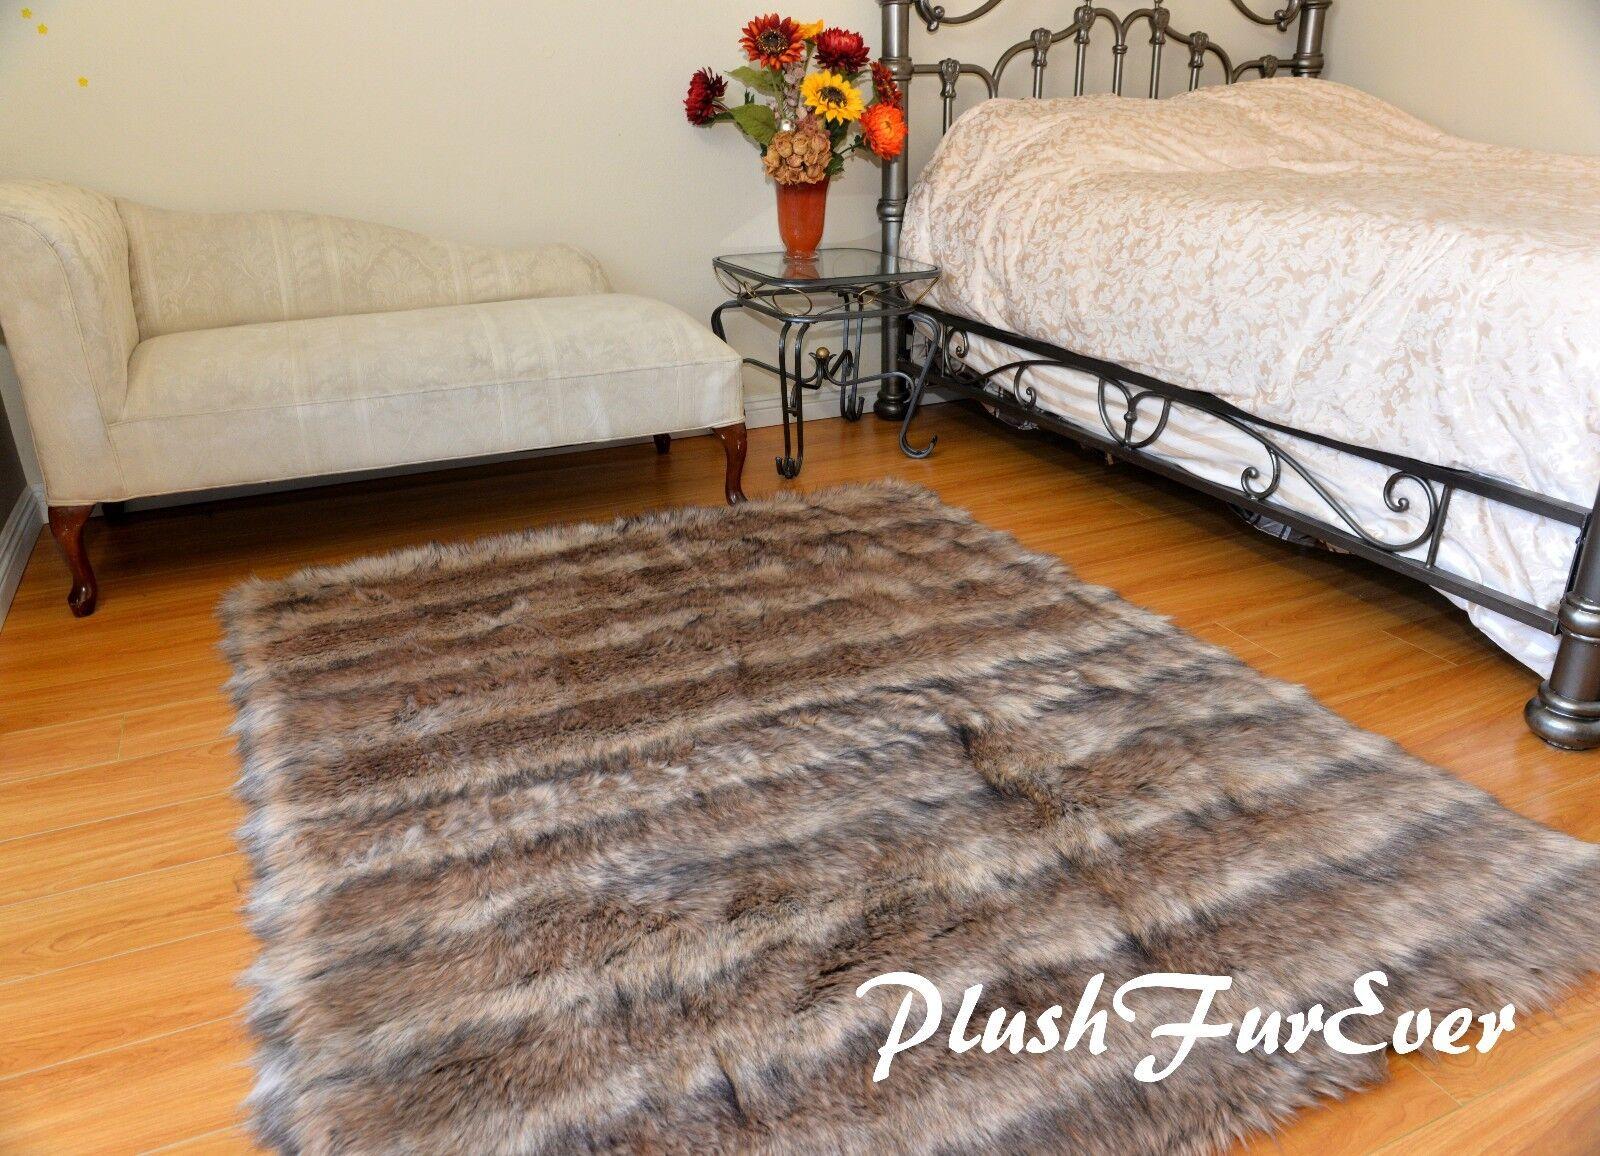 Stripe Coyote Rectangle Plush Area Rug Faux Fur Lodge Cottage Cottage Cottage Rustic Home Decors 4d9189